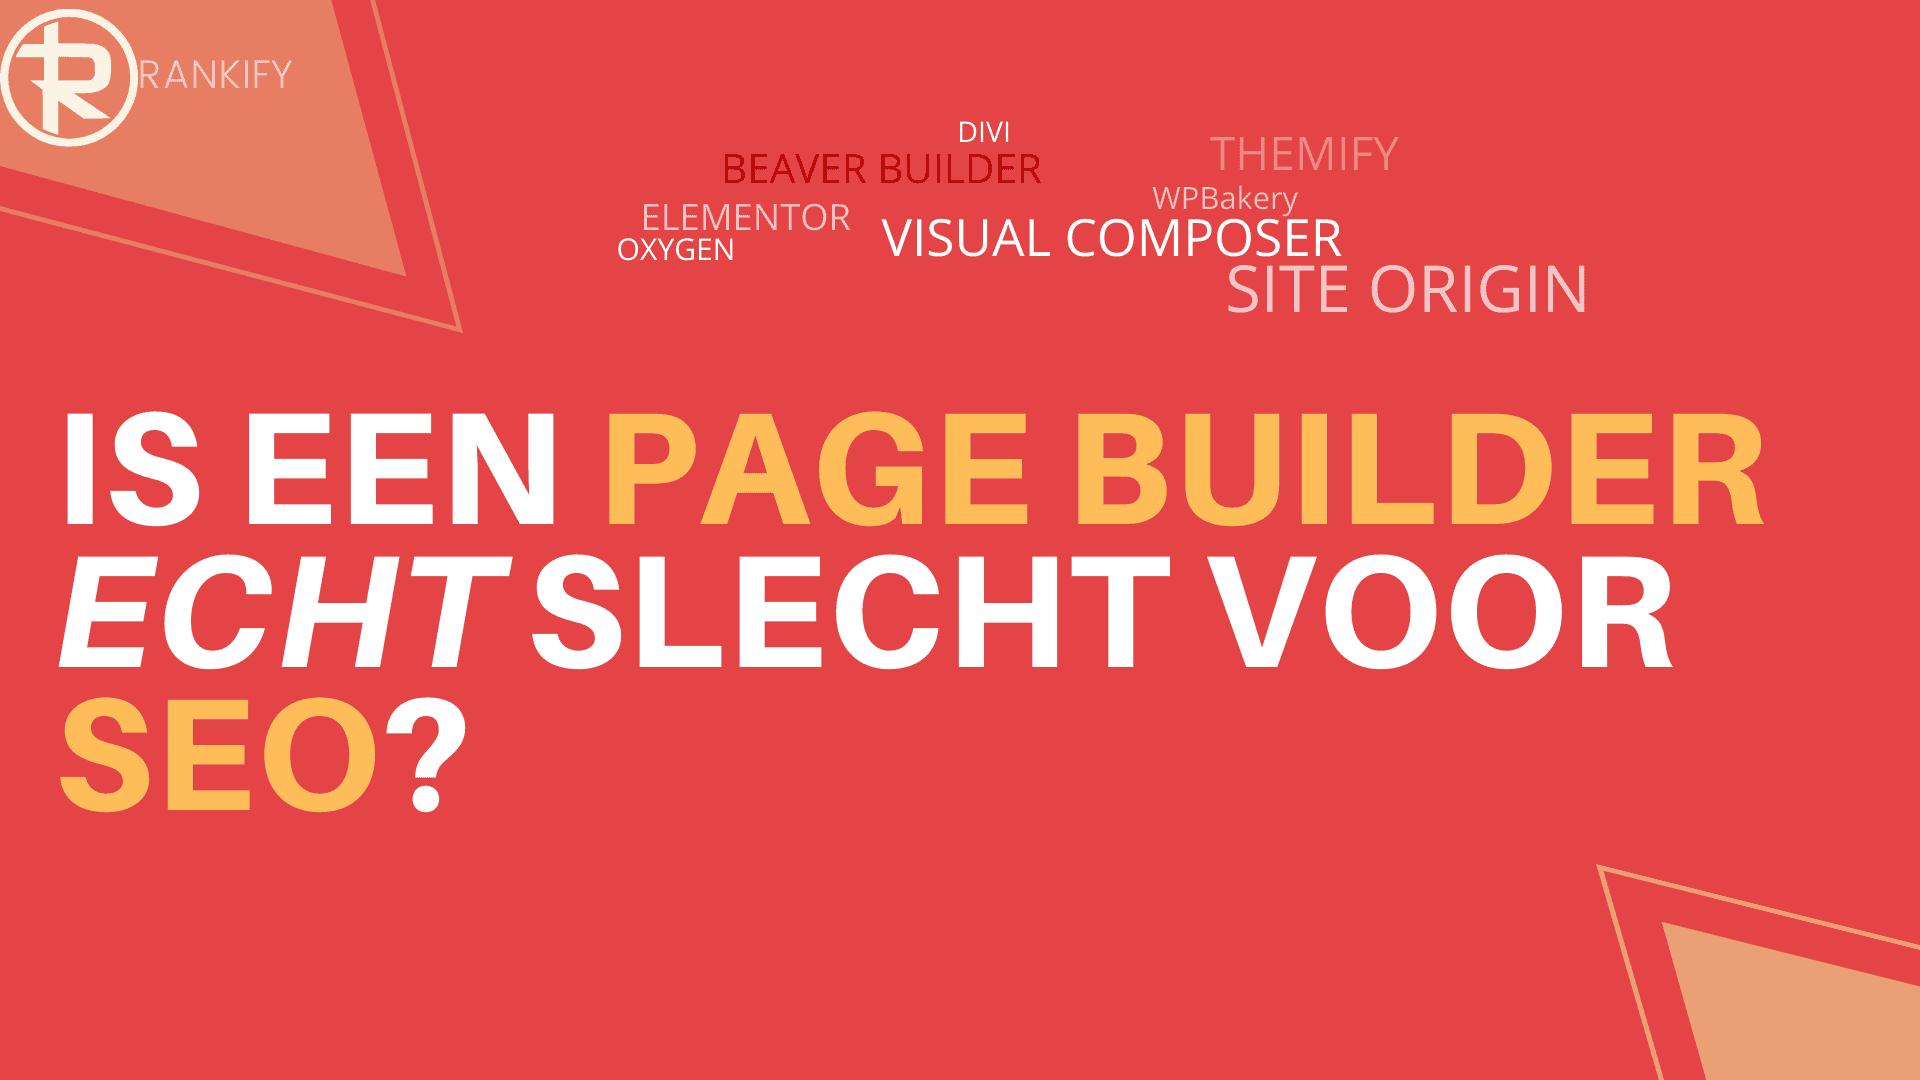 een page builder is echt slecht voor seo?